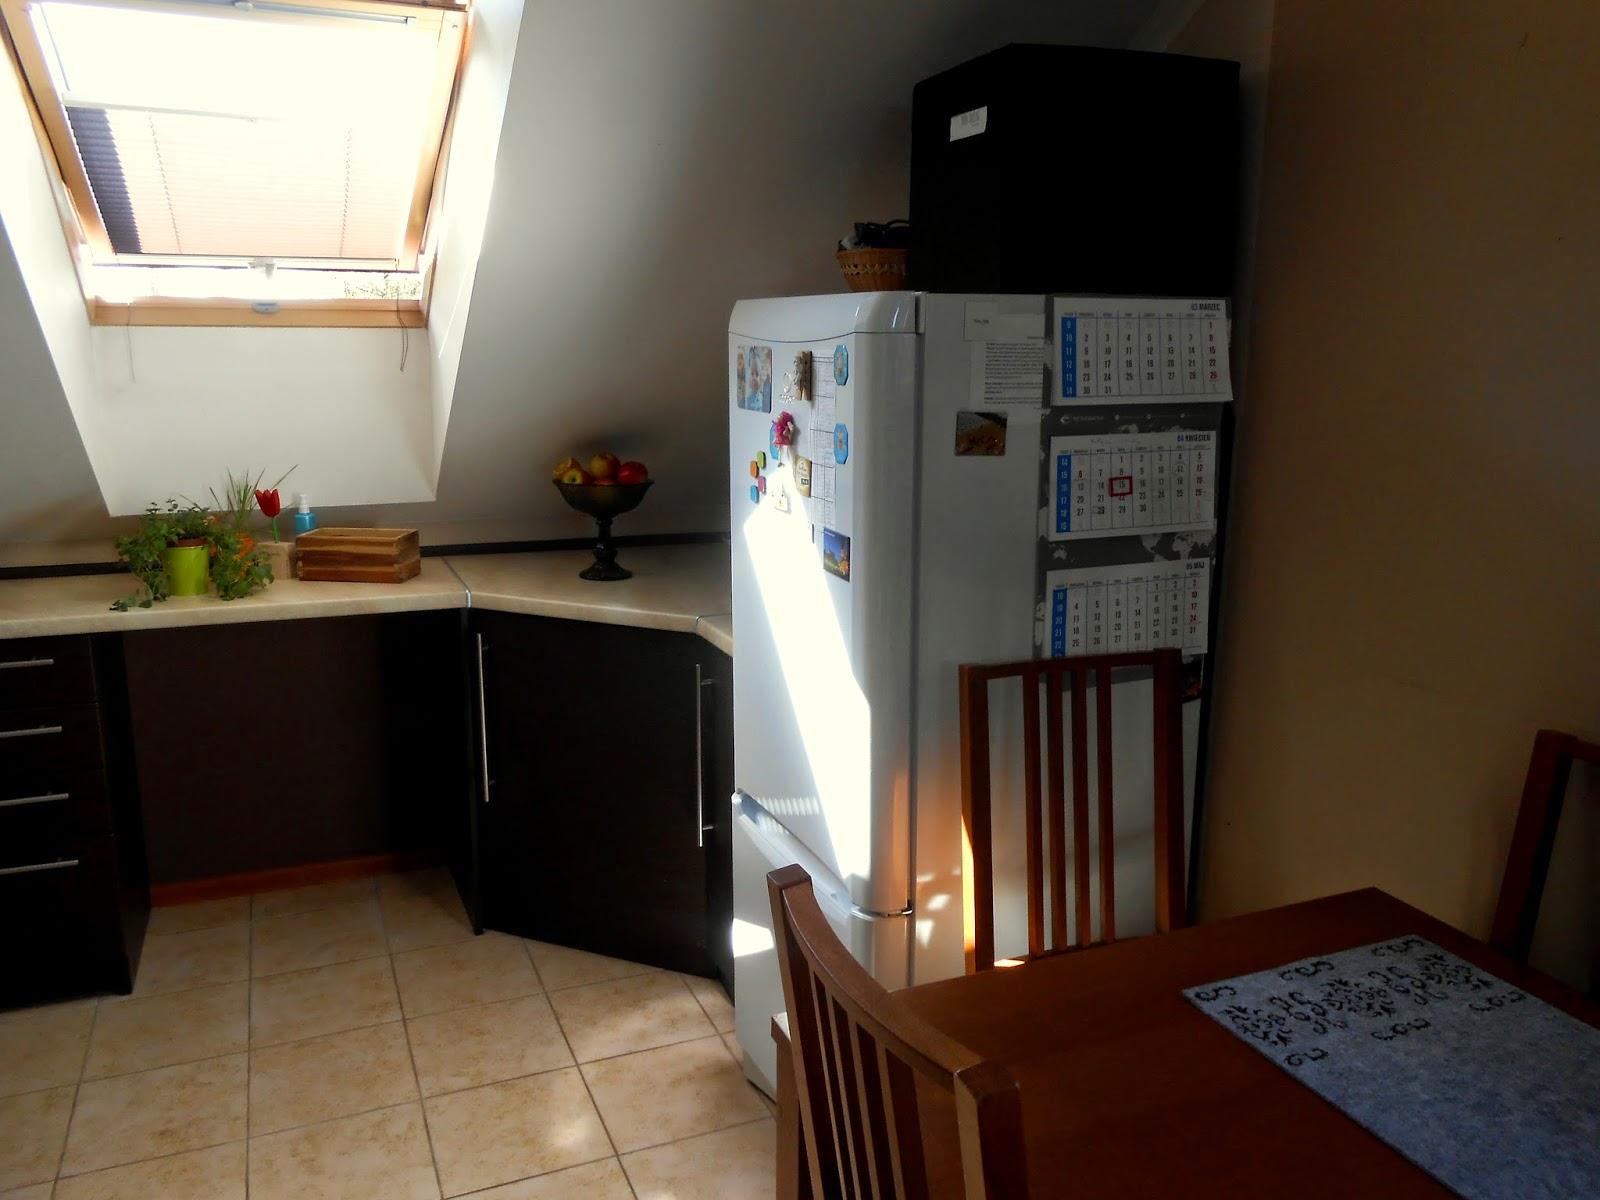 Mała kuchnia na poddaszu  Mama trojki pl -> Kuchnie Na Poddaszu Ze Skosem